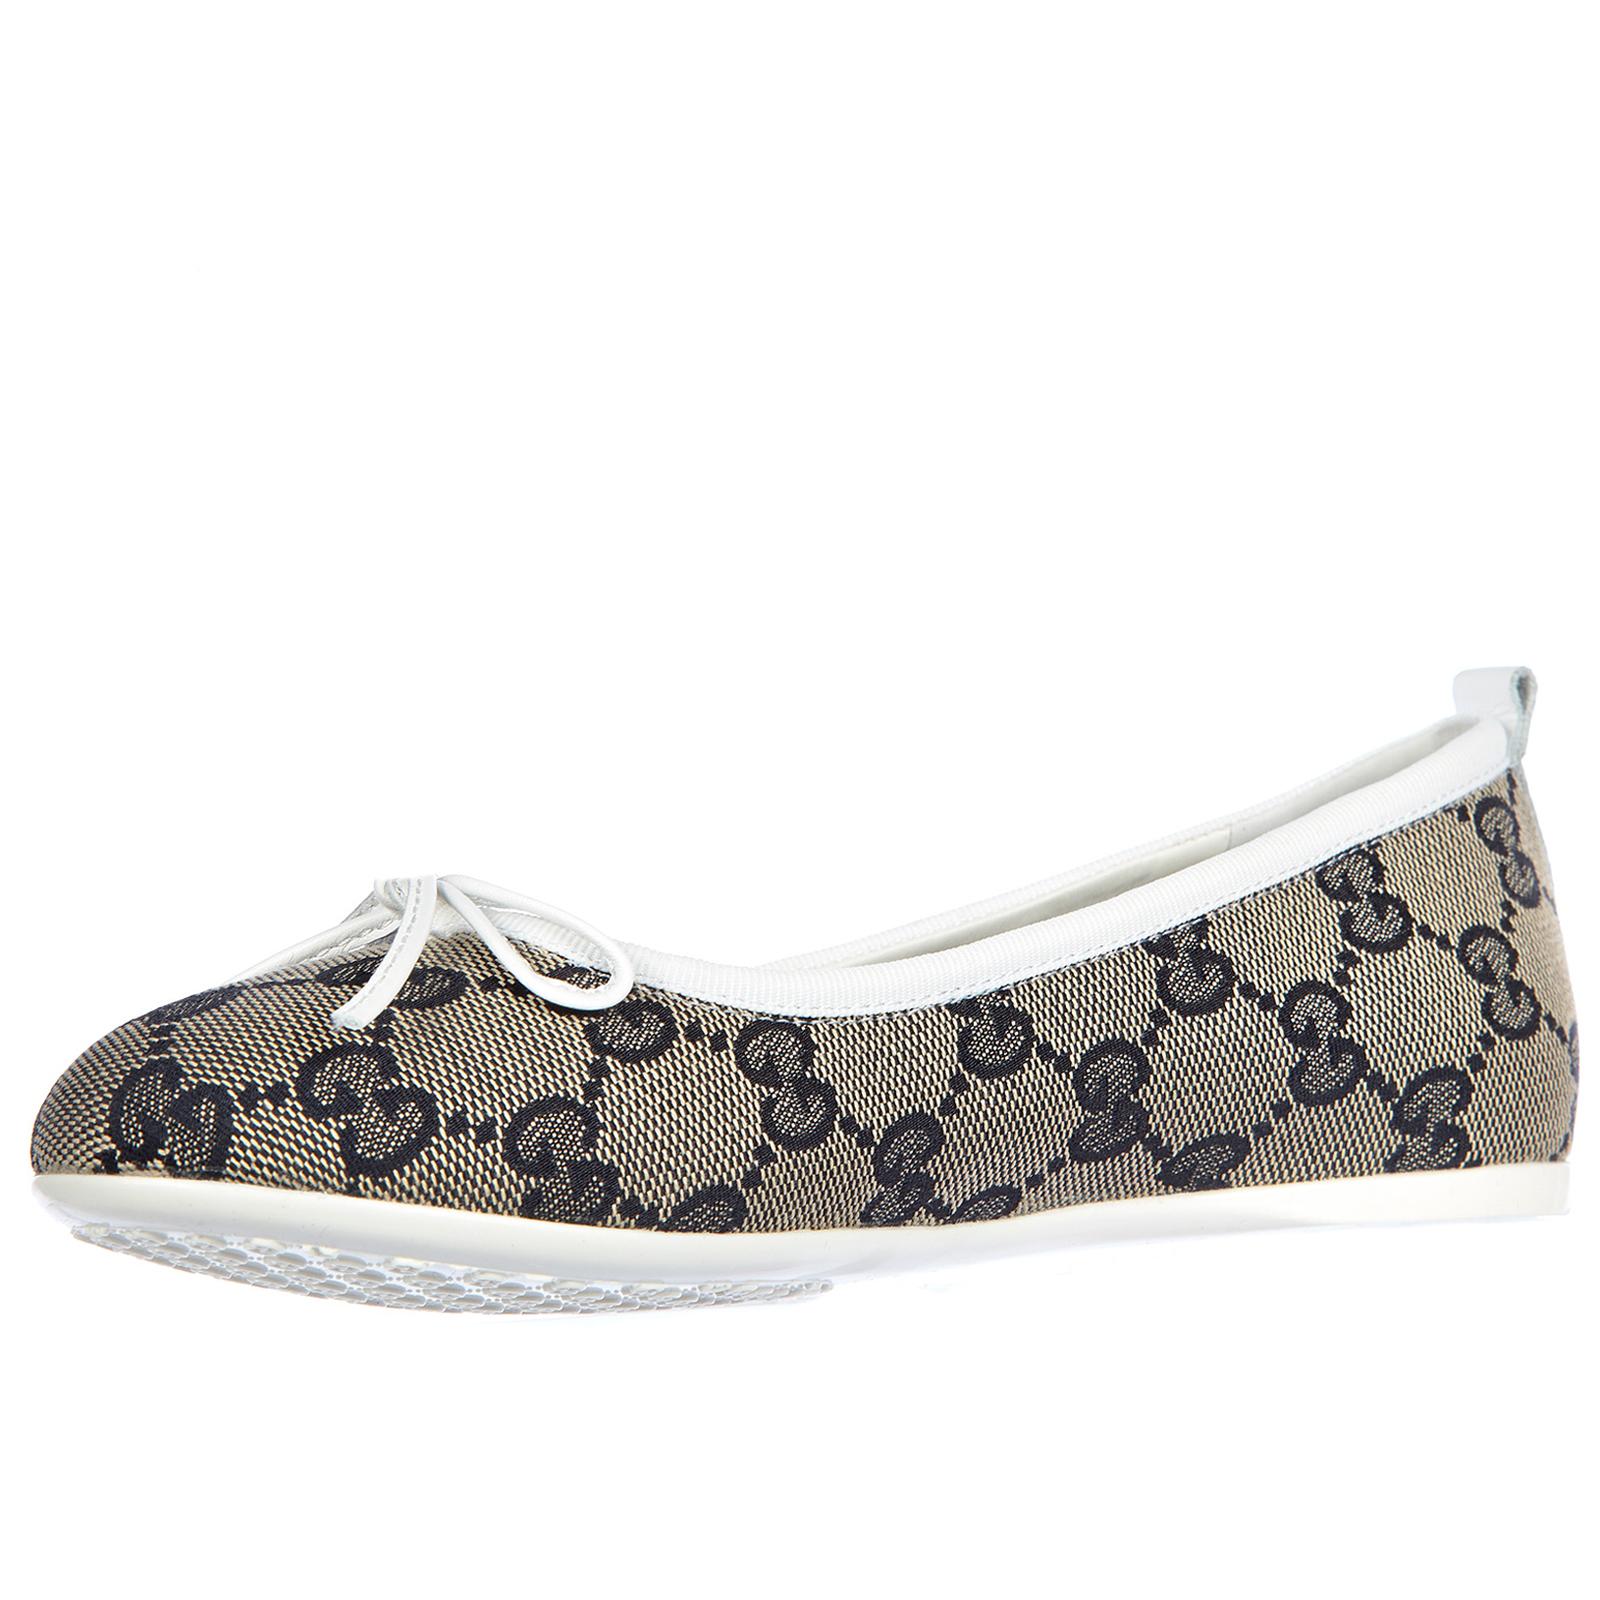 Ballerine scarpe bimba bambina cotone ... d79876e99d1